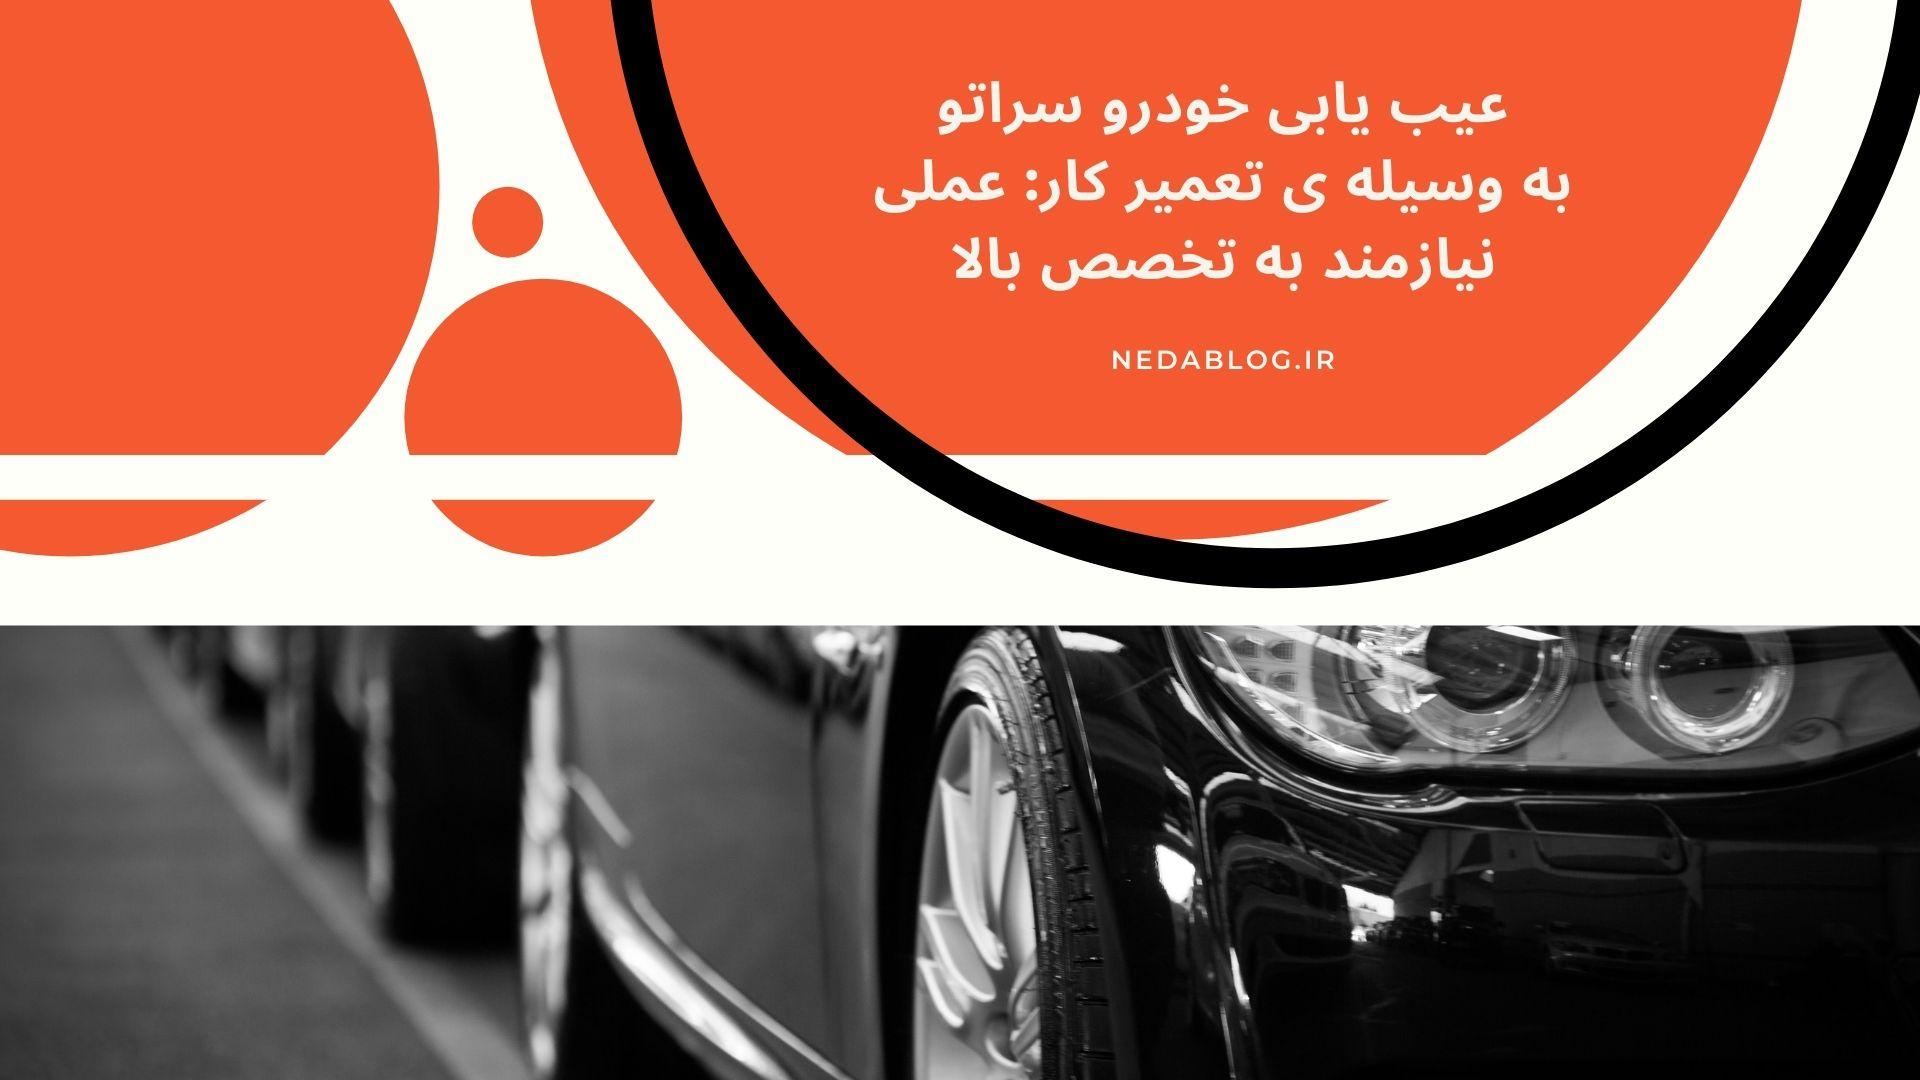 عیب یابی خودرو سراتو به وسیله ی تعمیر کار: عملی نیازمند به تخصص بالا